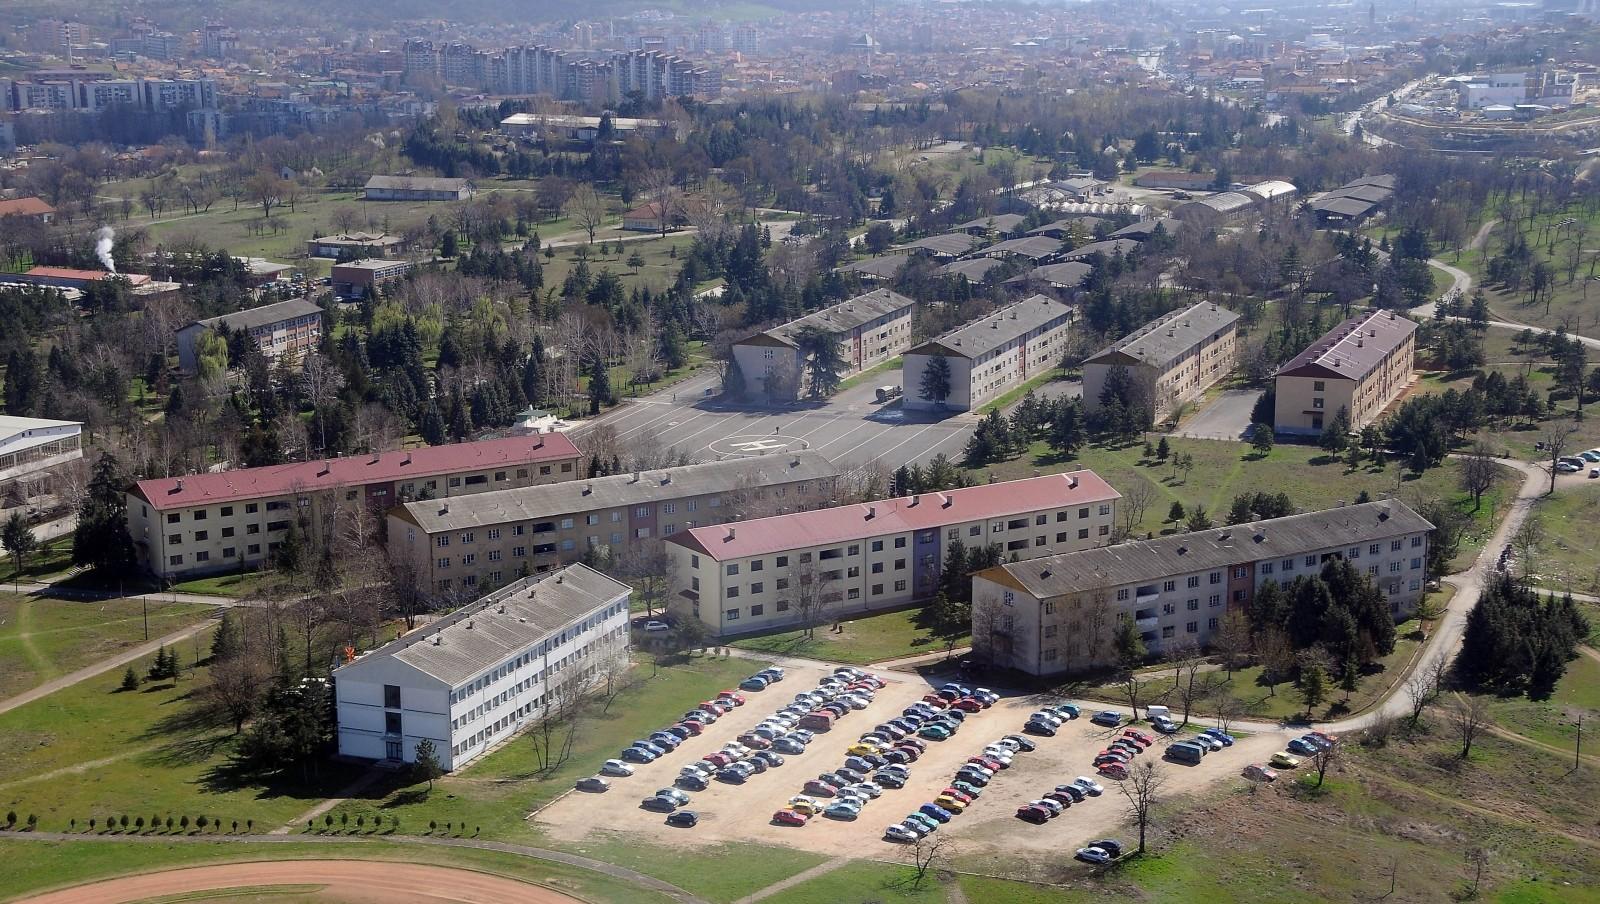 ПРАВЕЛ СКИЦИ И ЗАБЕЛЕЖУВАЛ ВОЕНИ ДЕЈСТВИЈА  Косовар уапсен кај касарната  Илинден  во Скопје  правел детални скици и забележувал борбени дејстивија